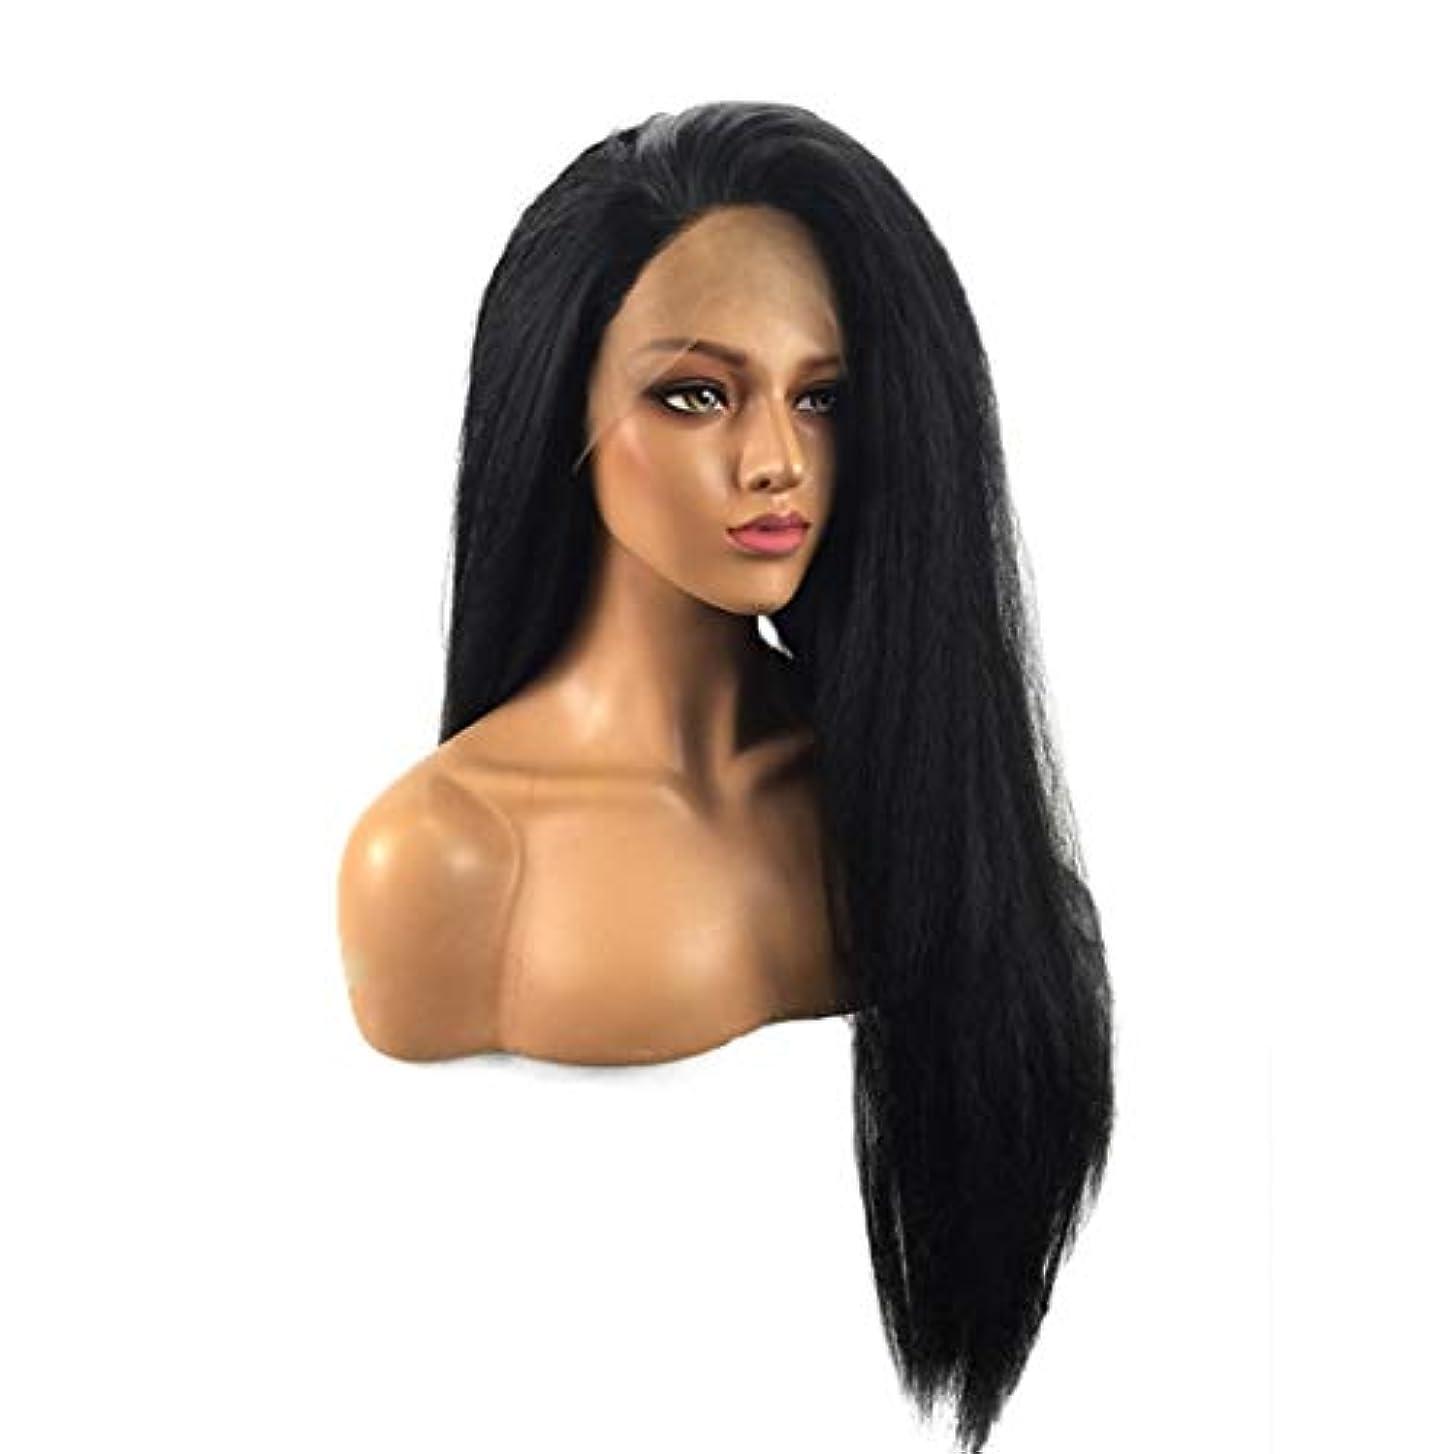 返済谷持ってるKoloeplf レースフロントウィッグロングナチュラルストレート耐熱人工毛かつら女性用26インチ (Size : 26inch)